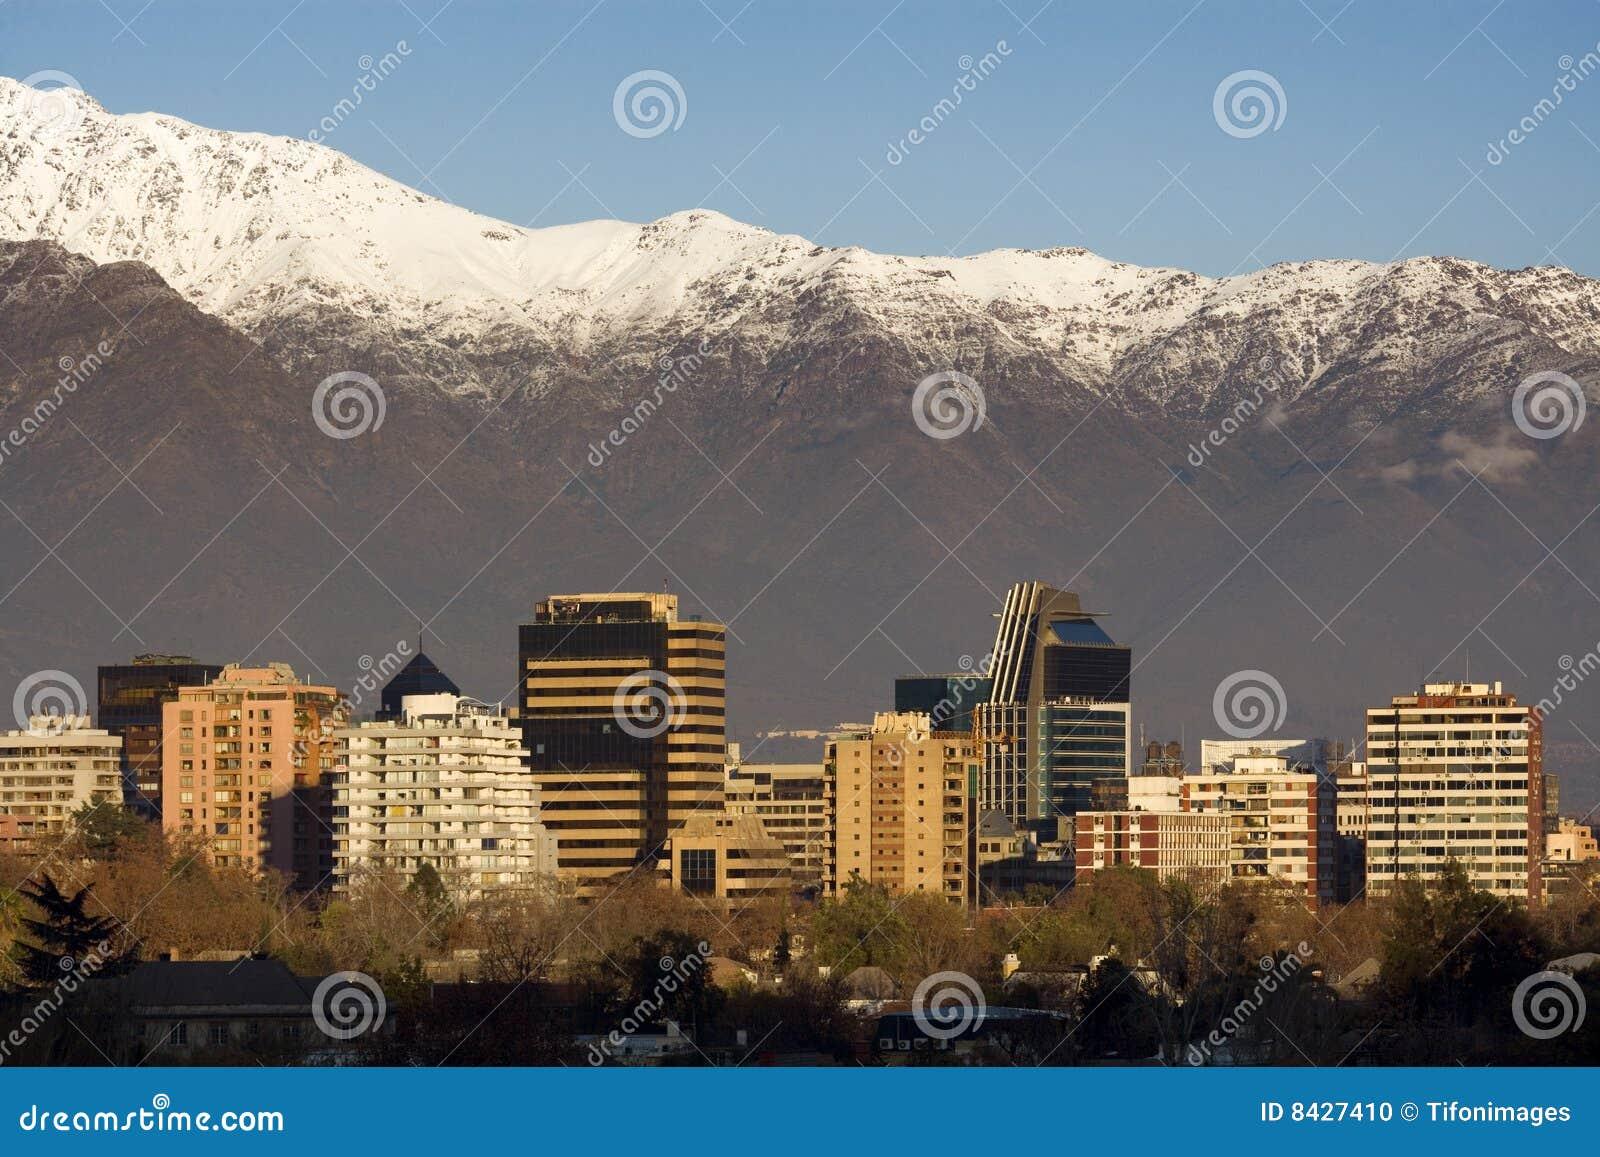 Chile de santiago